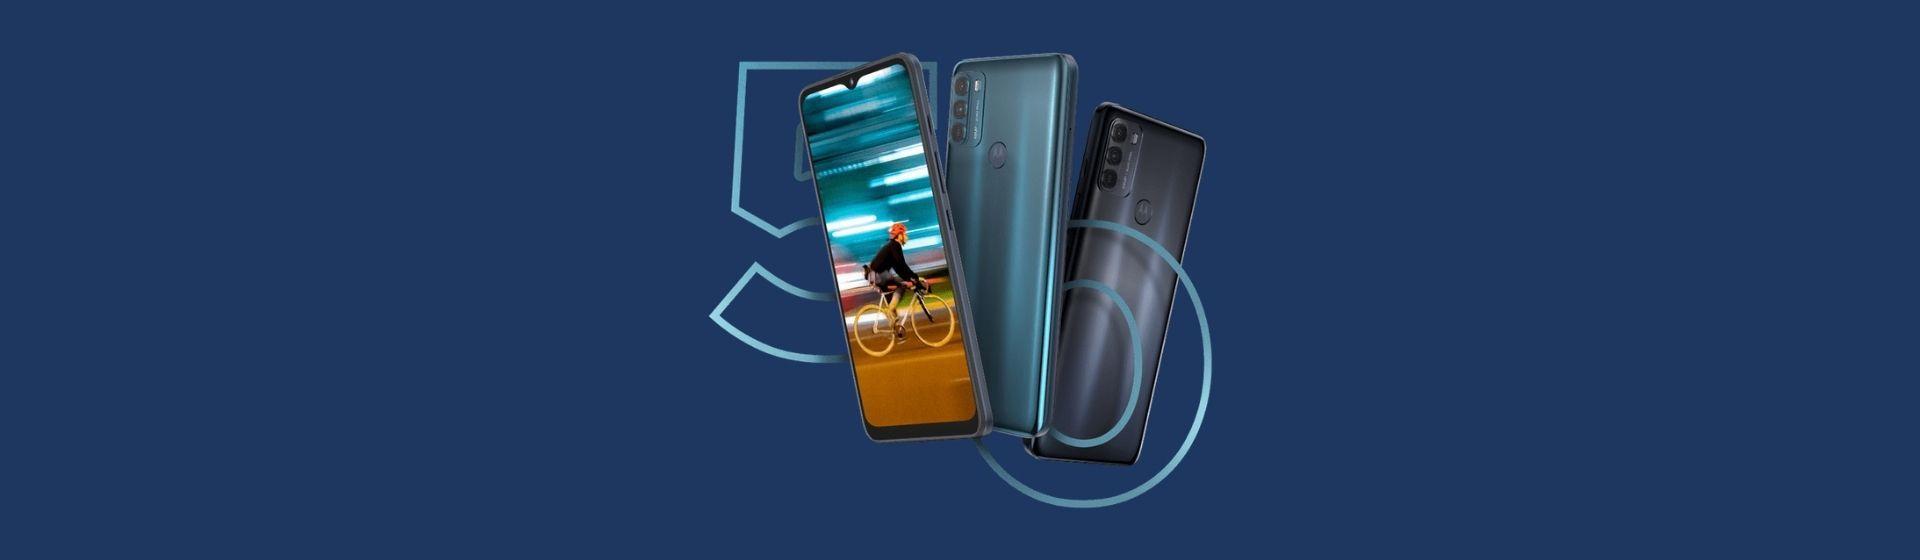 Moto G50: veja a análise completa de ficha técnica do novo Motorola